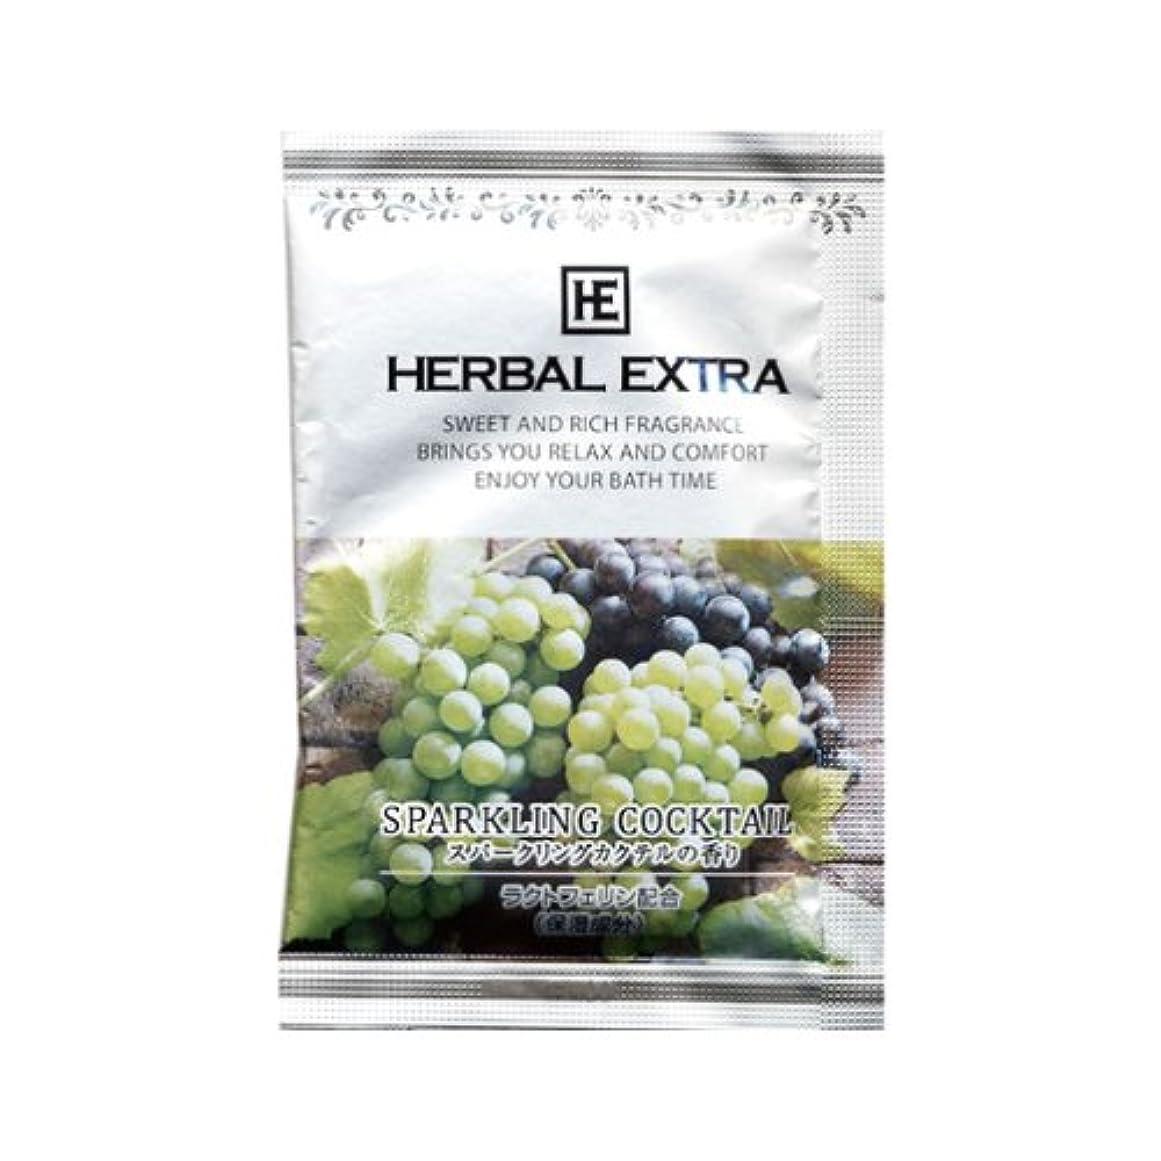 等価わずかな眠るハーバルエクストラ スパークリングカクテルの香り 20g 200包